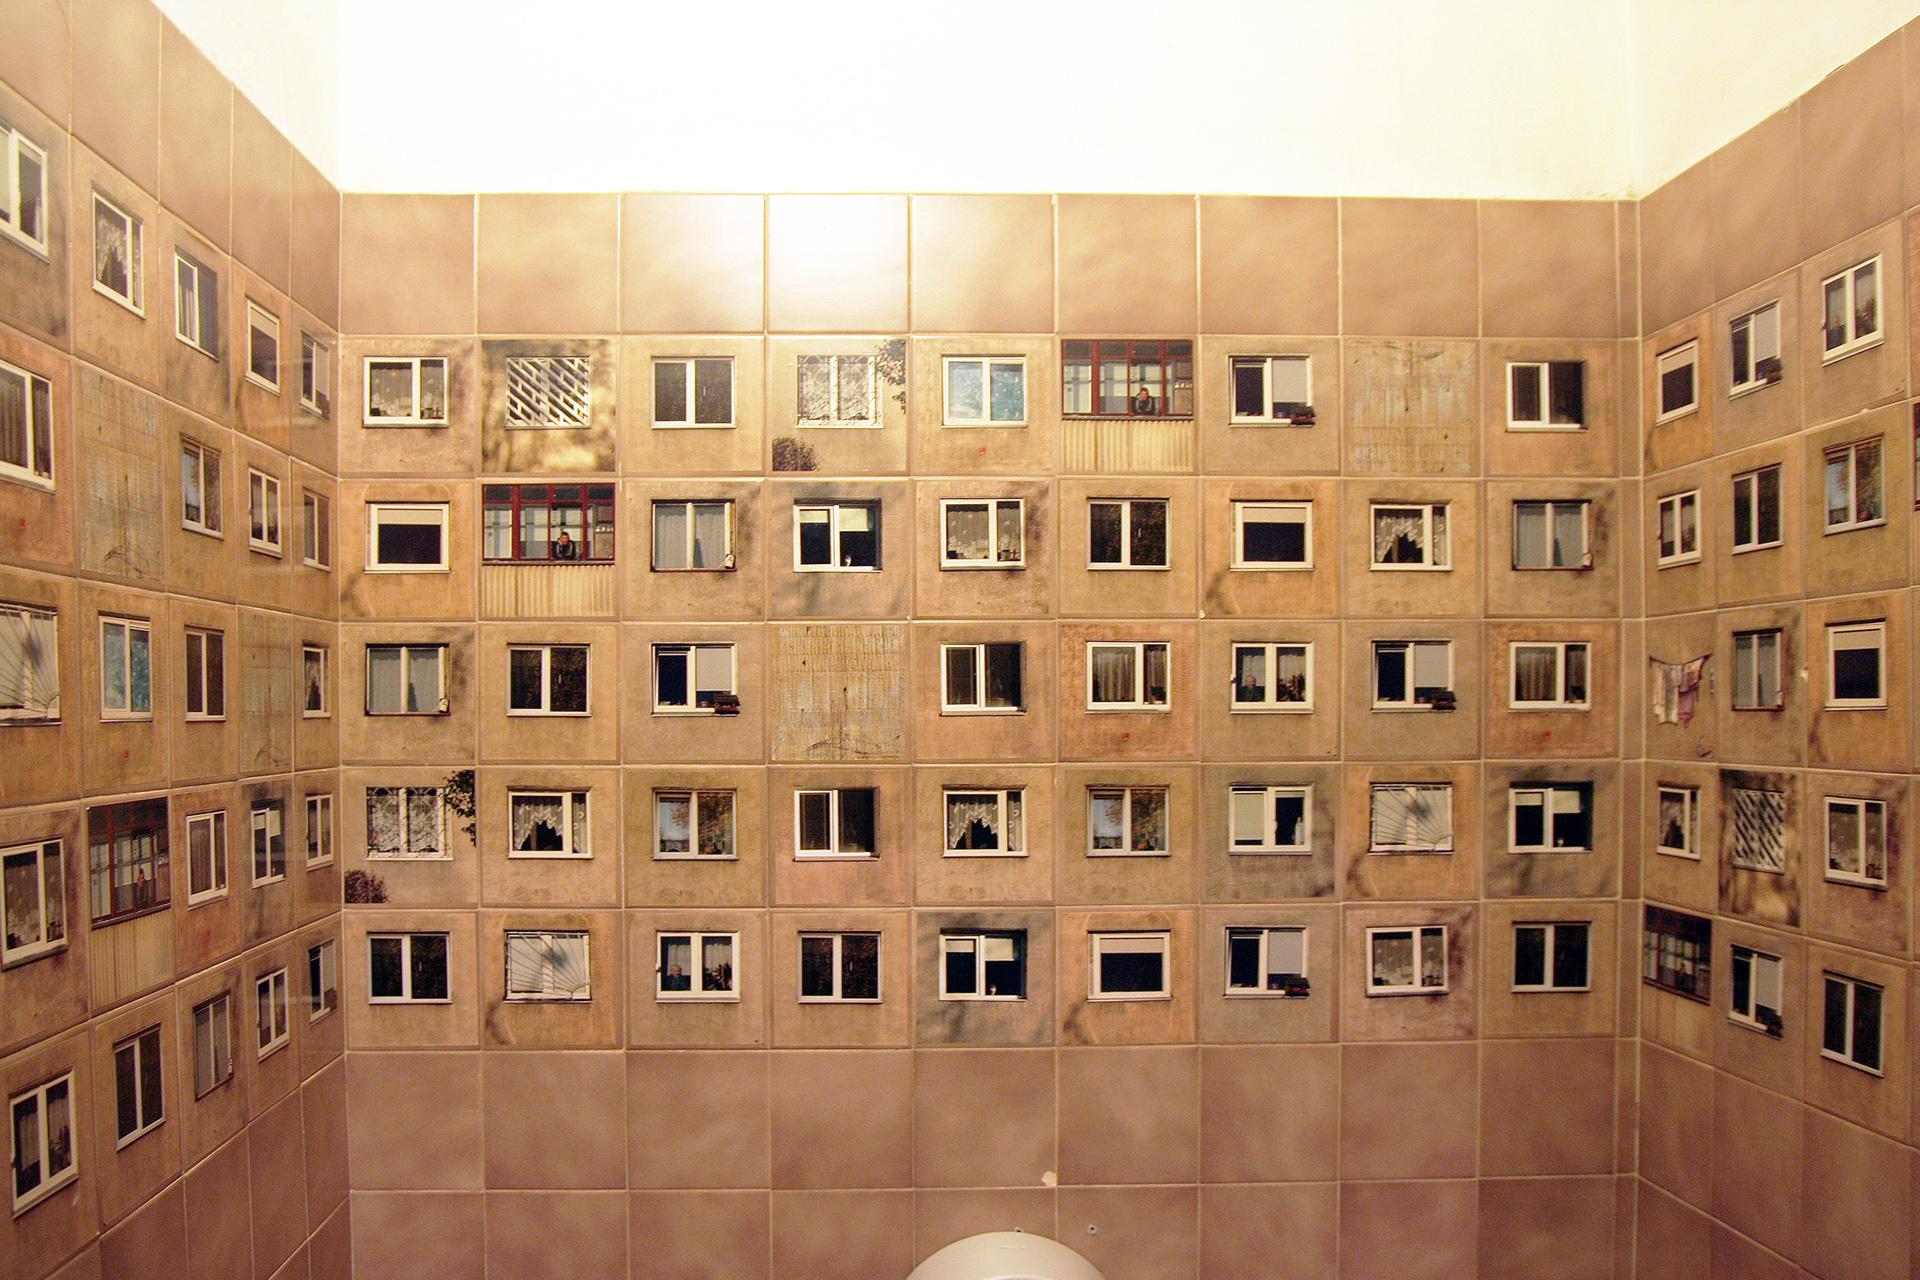 Ce restaurant a reproduit son voisinage sur les carreaux de ses toilettes